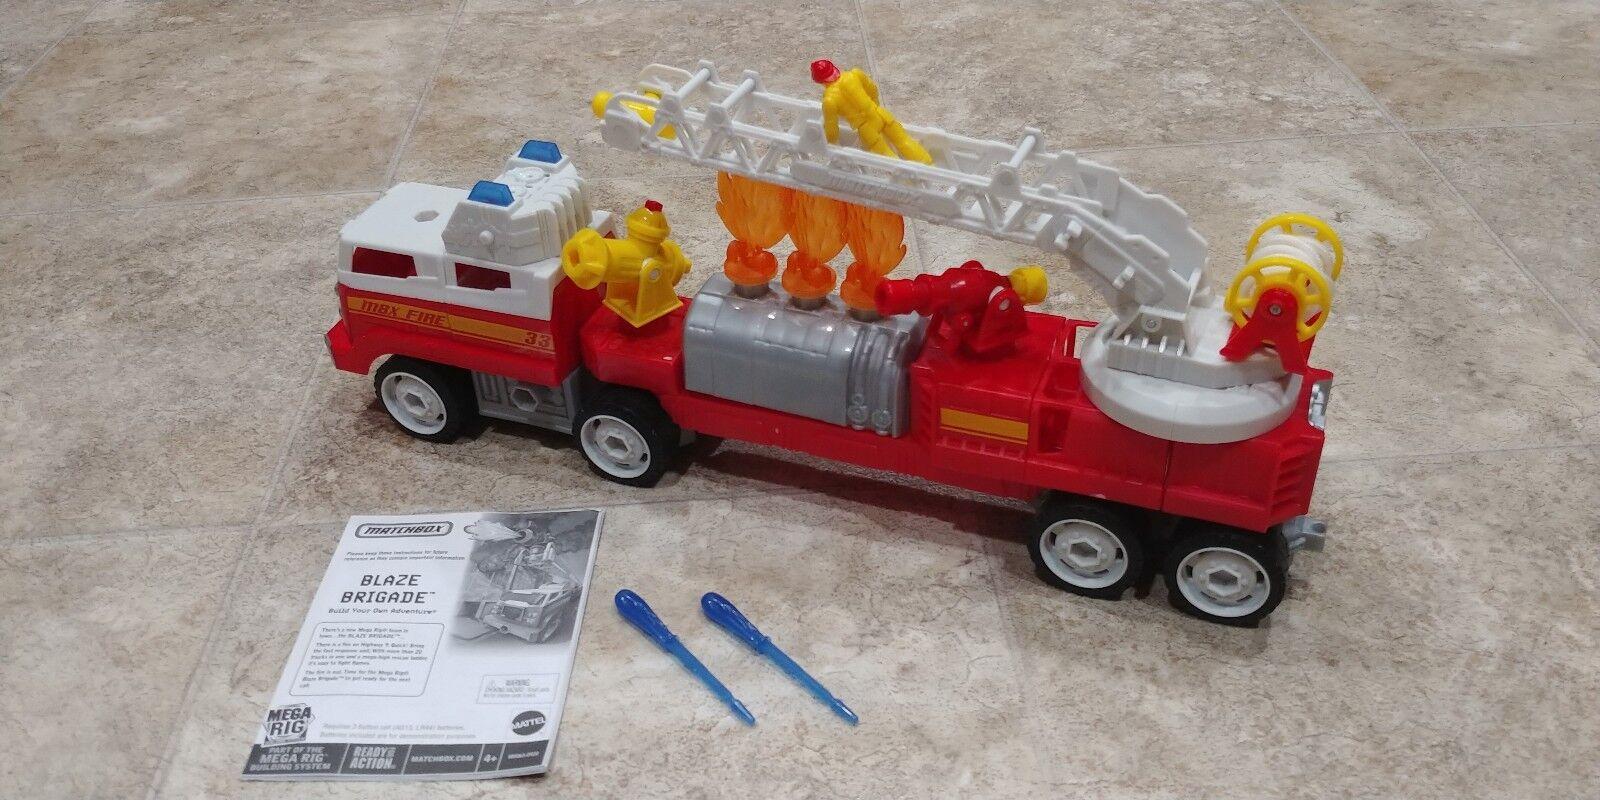 Matchbox Mattel Mega Rig Fire Brigade